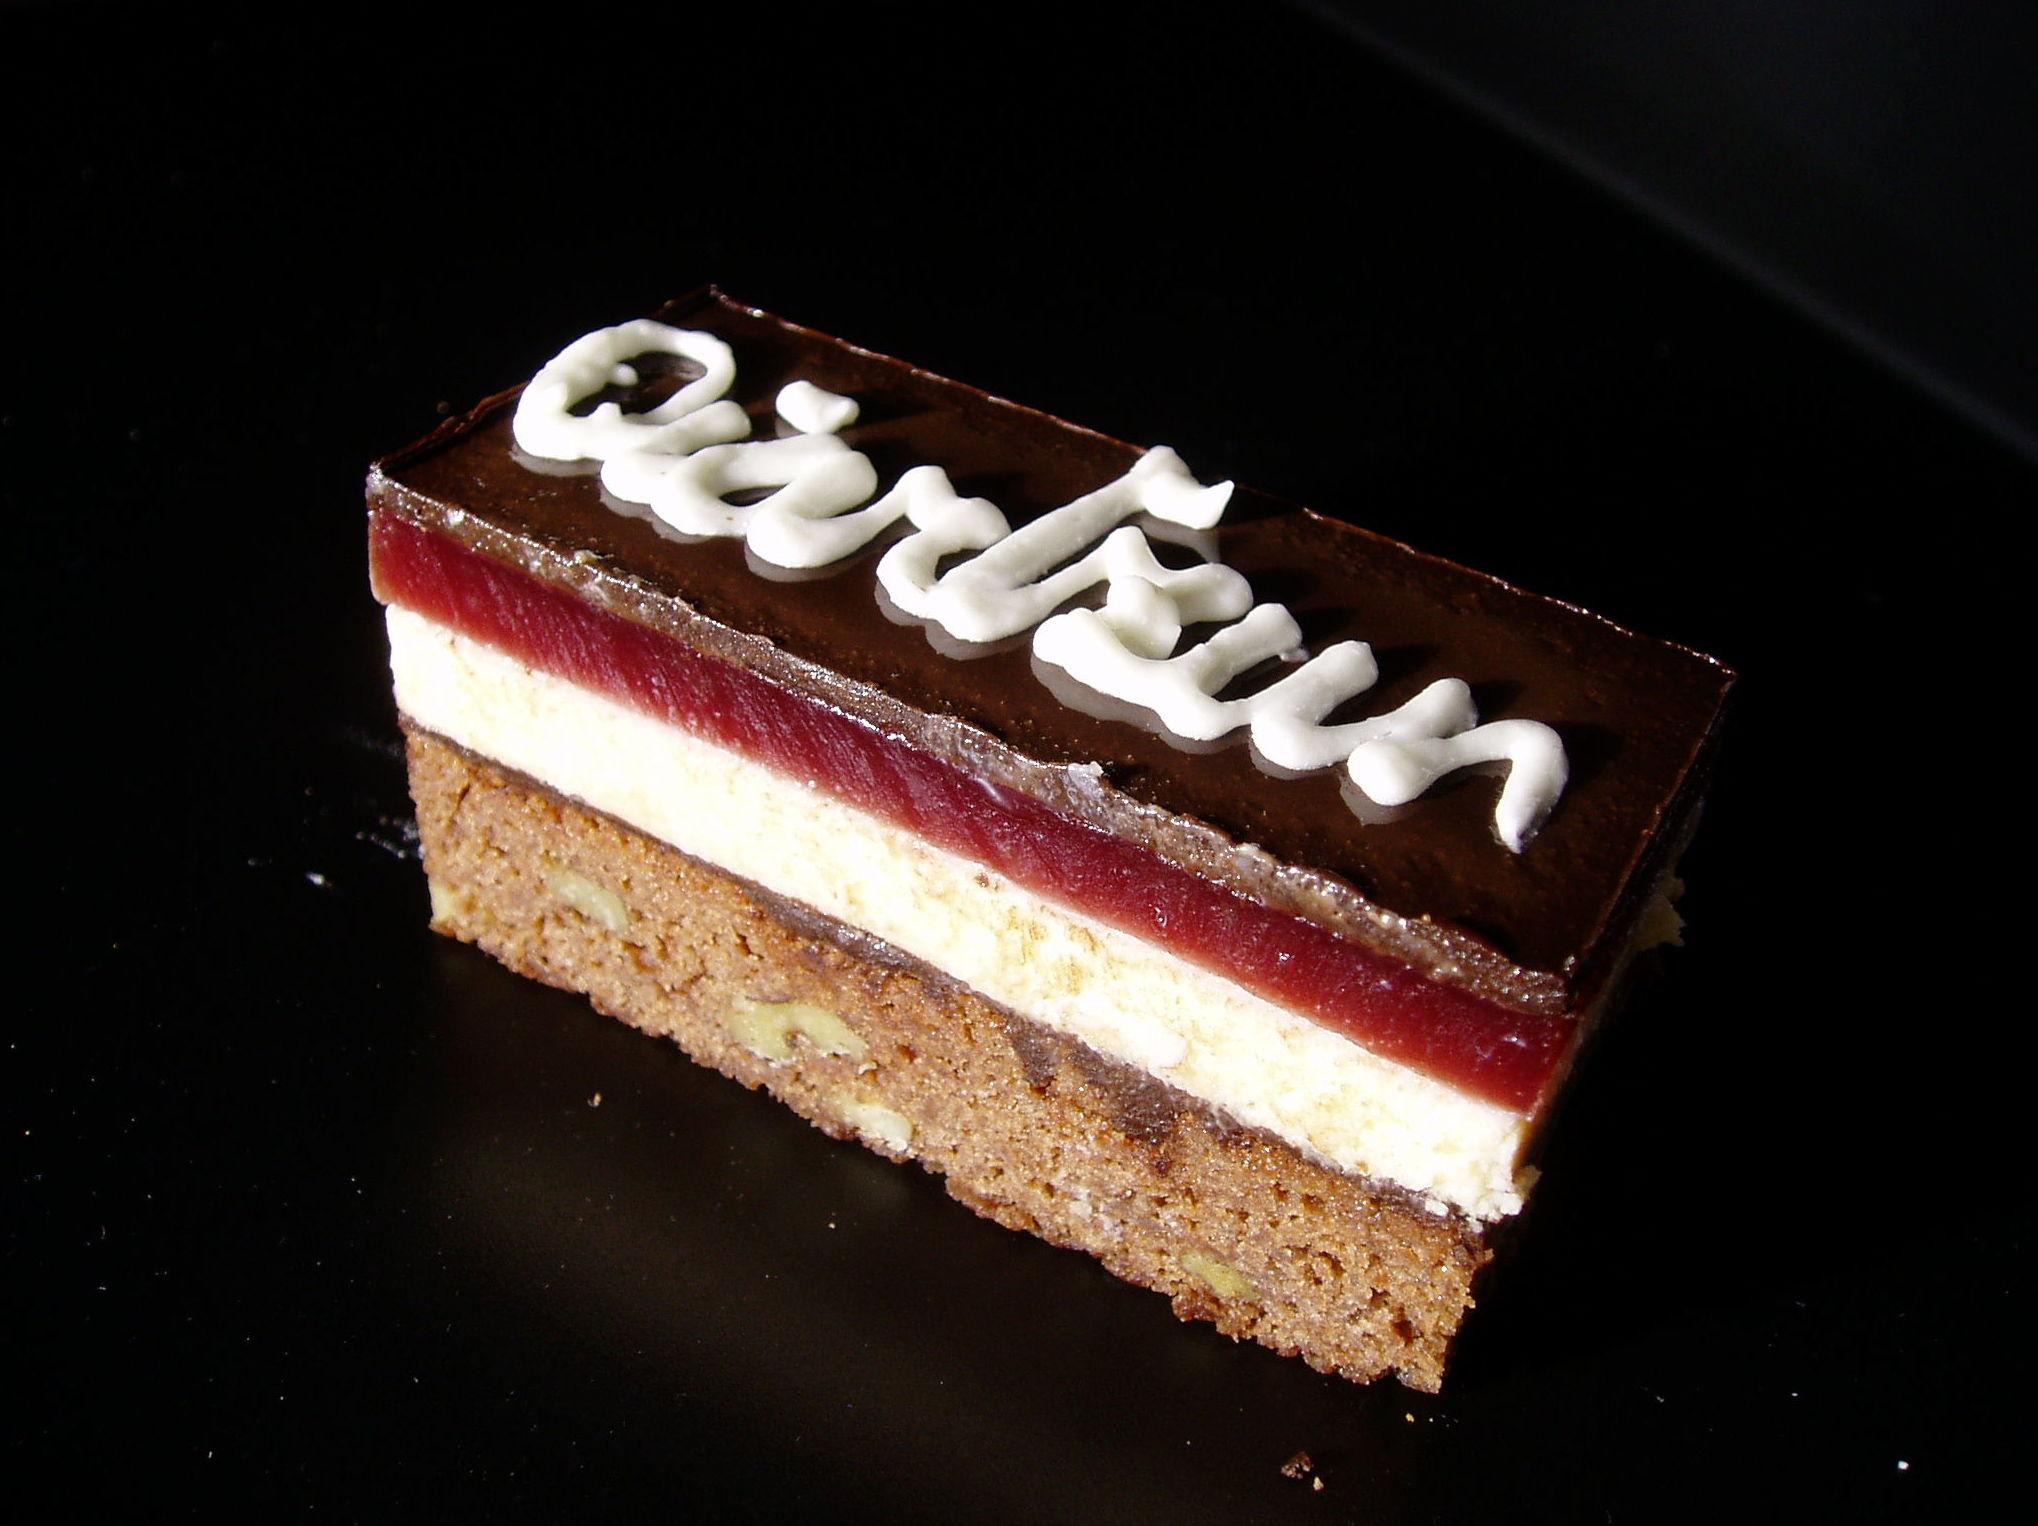 Oiartzum: Catálogo de Pastelería Oiartzun